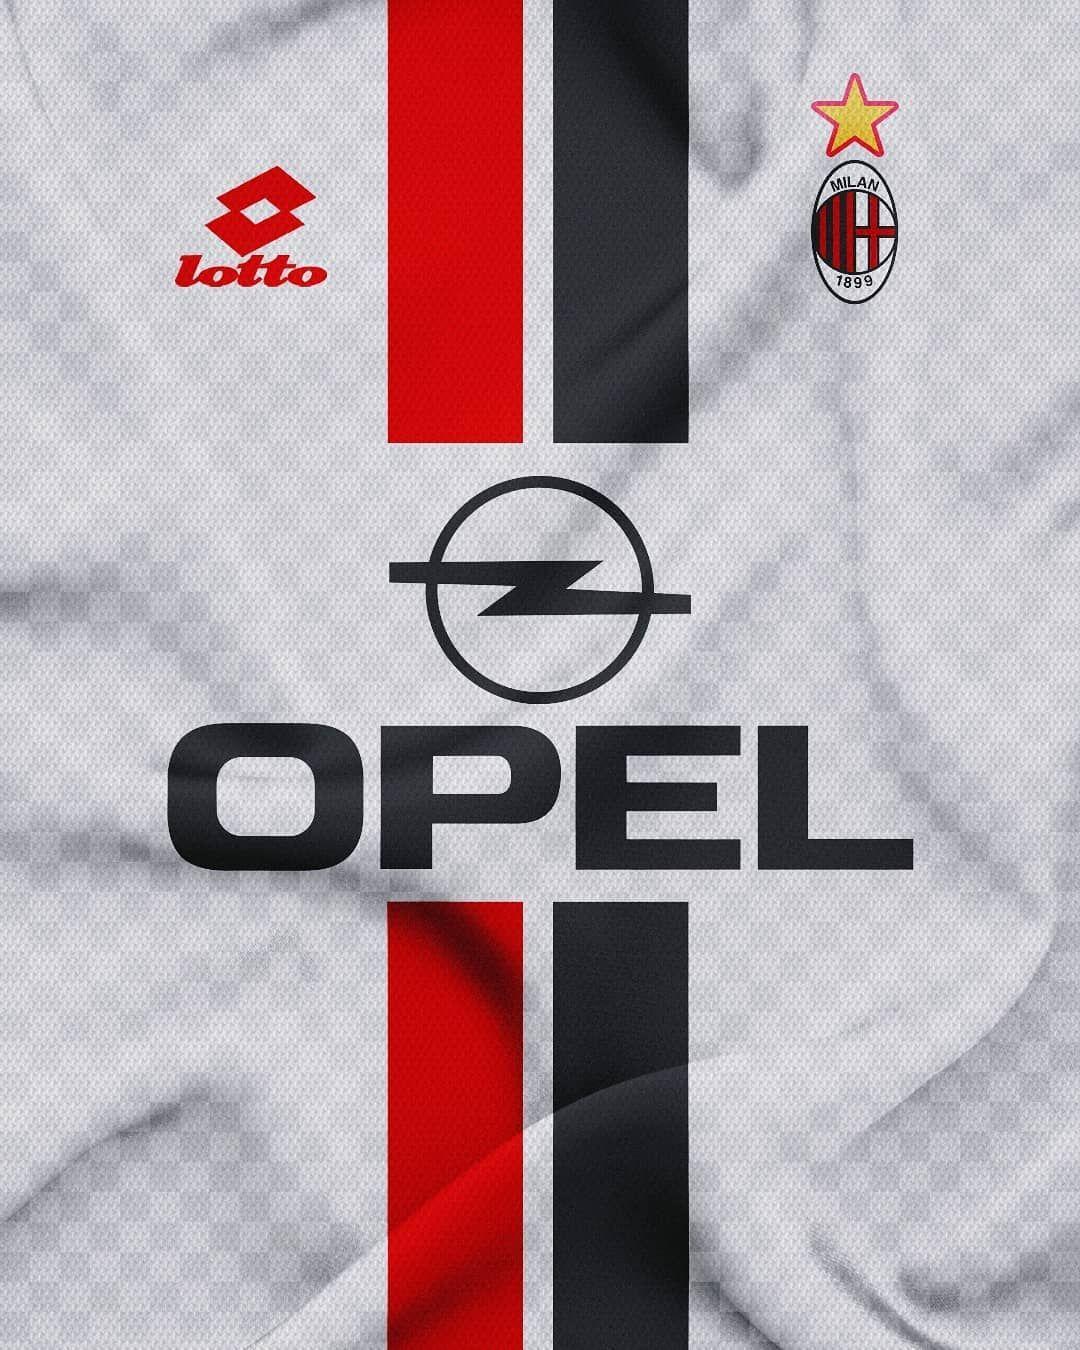 Pin By Freddie On Futbol In 2020 Ac Milan Milan Lionel Messi